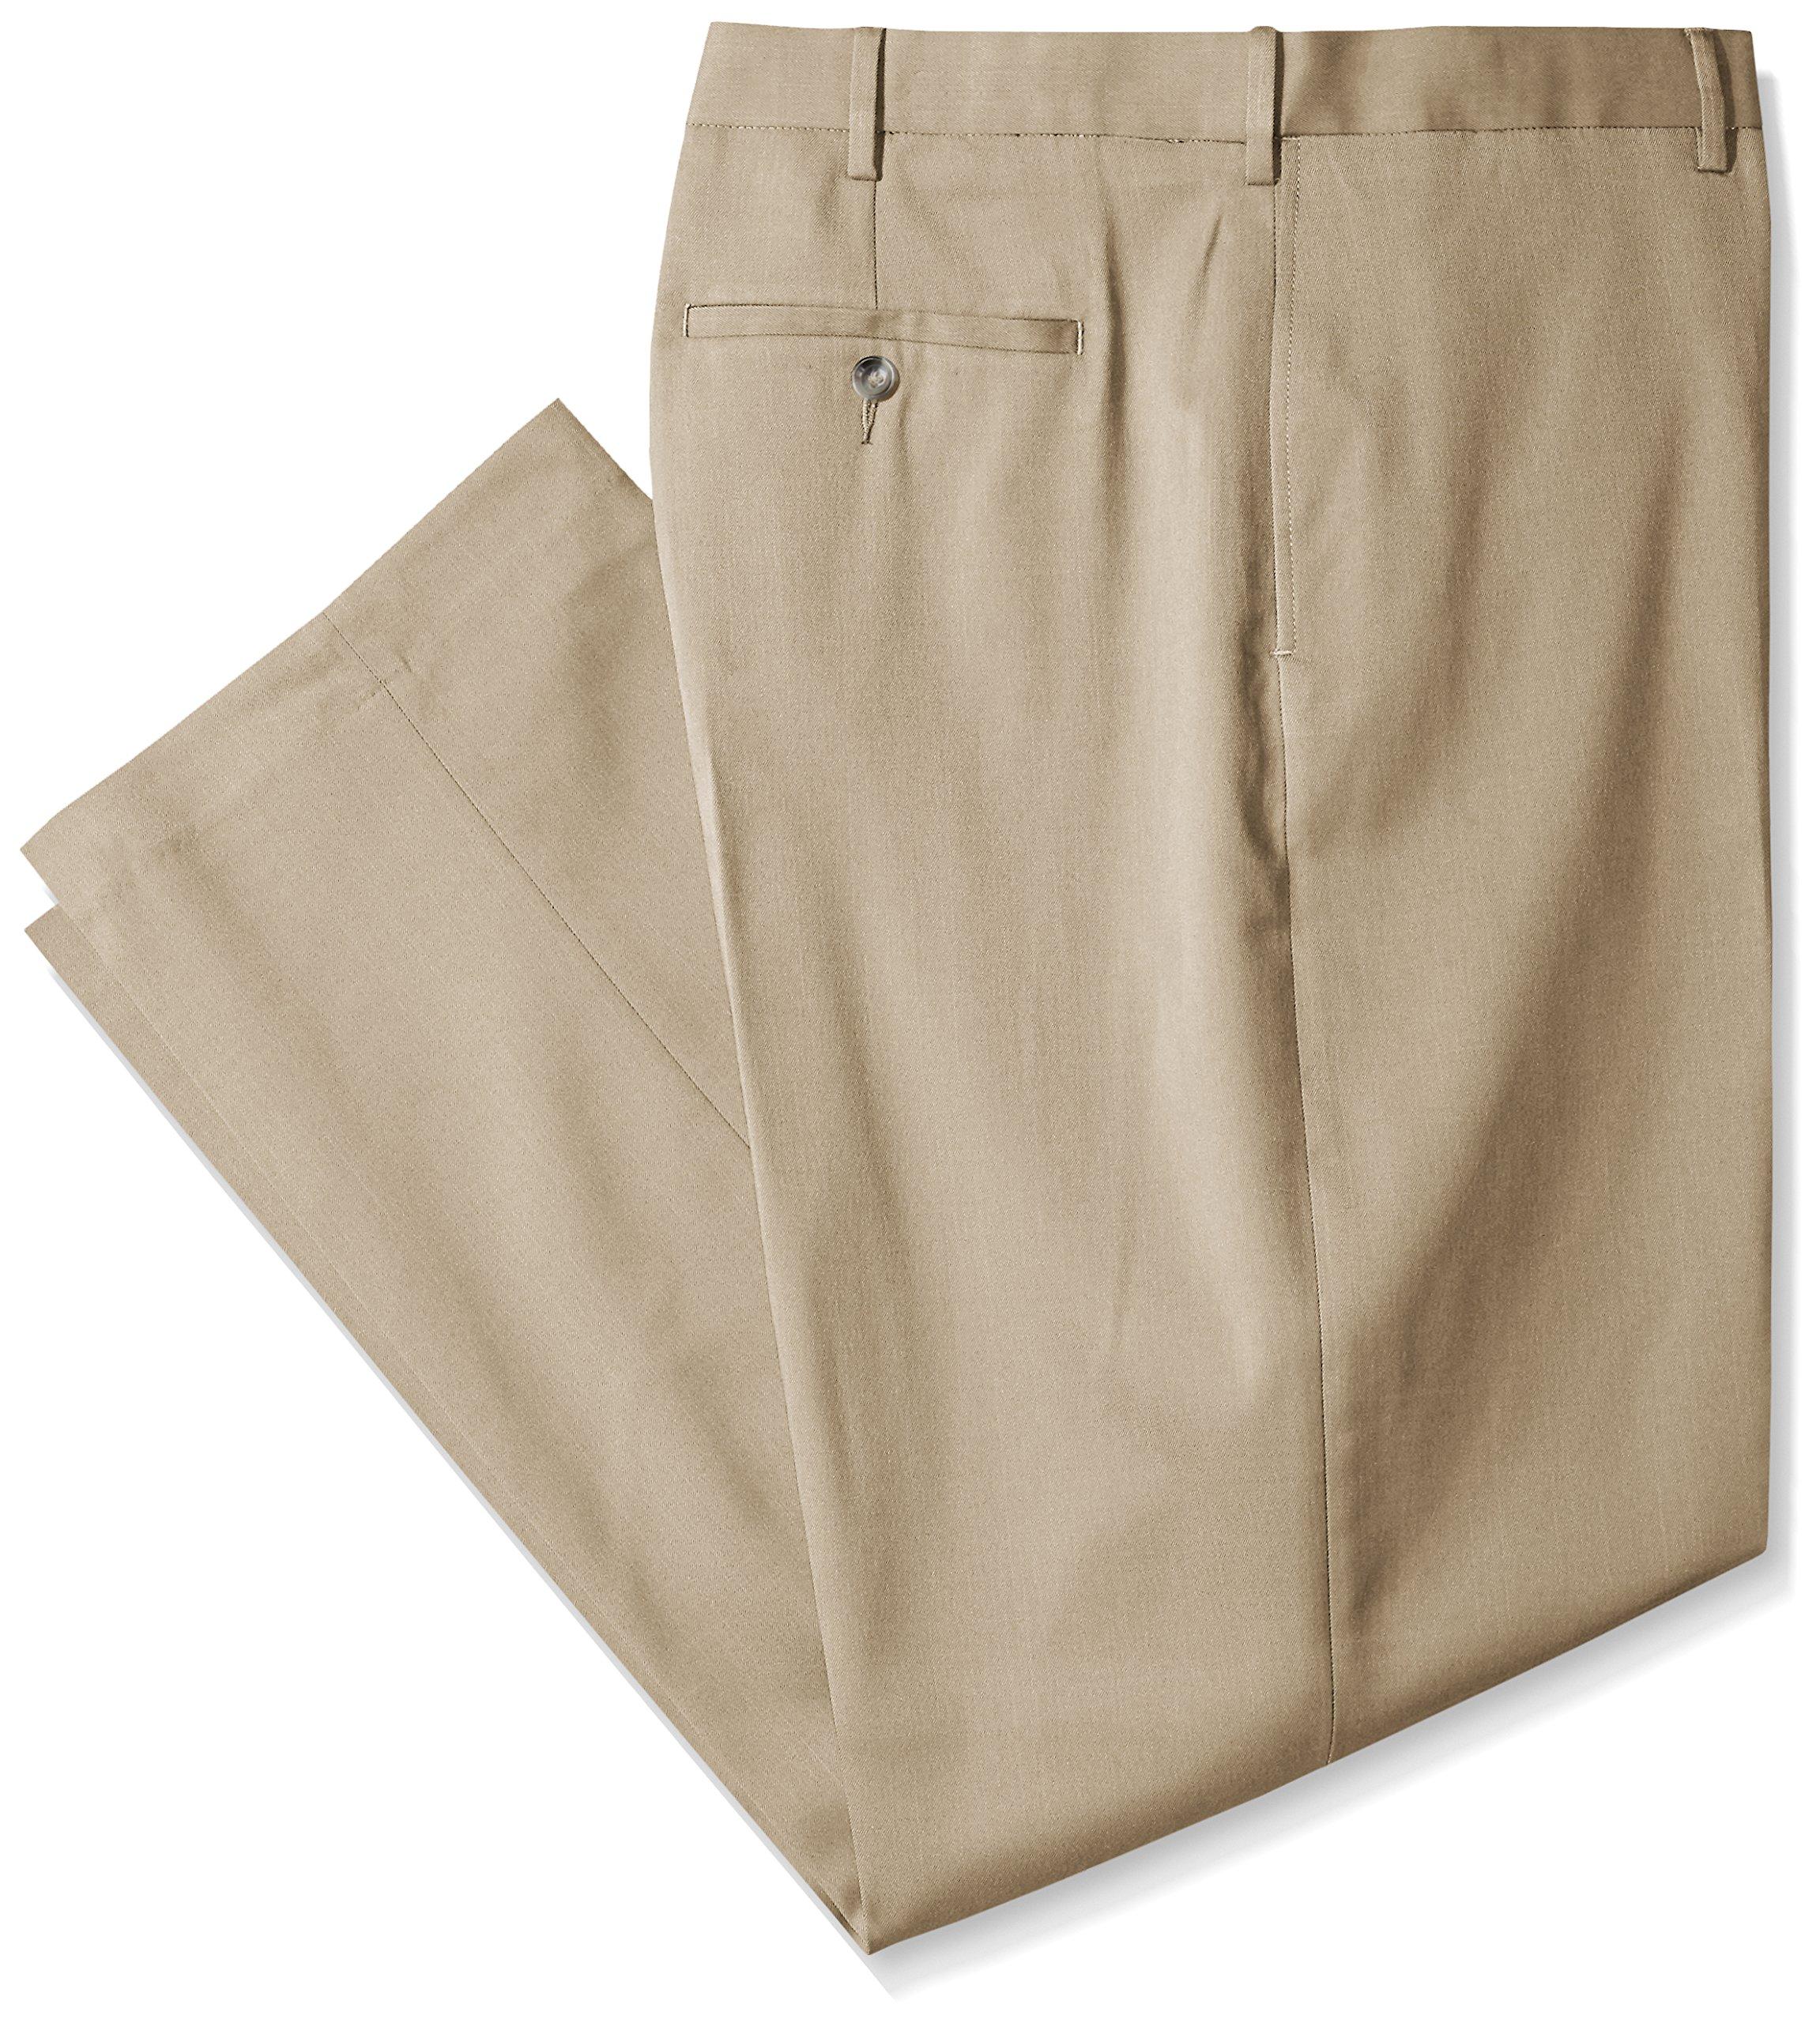 Savane Men's Big and Tall Flat Front Stretch Crosshatch Dress Pant, Flax, 52W x 30L